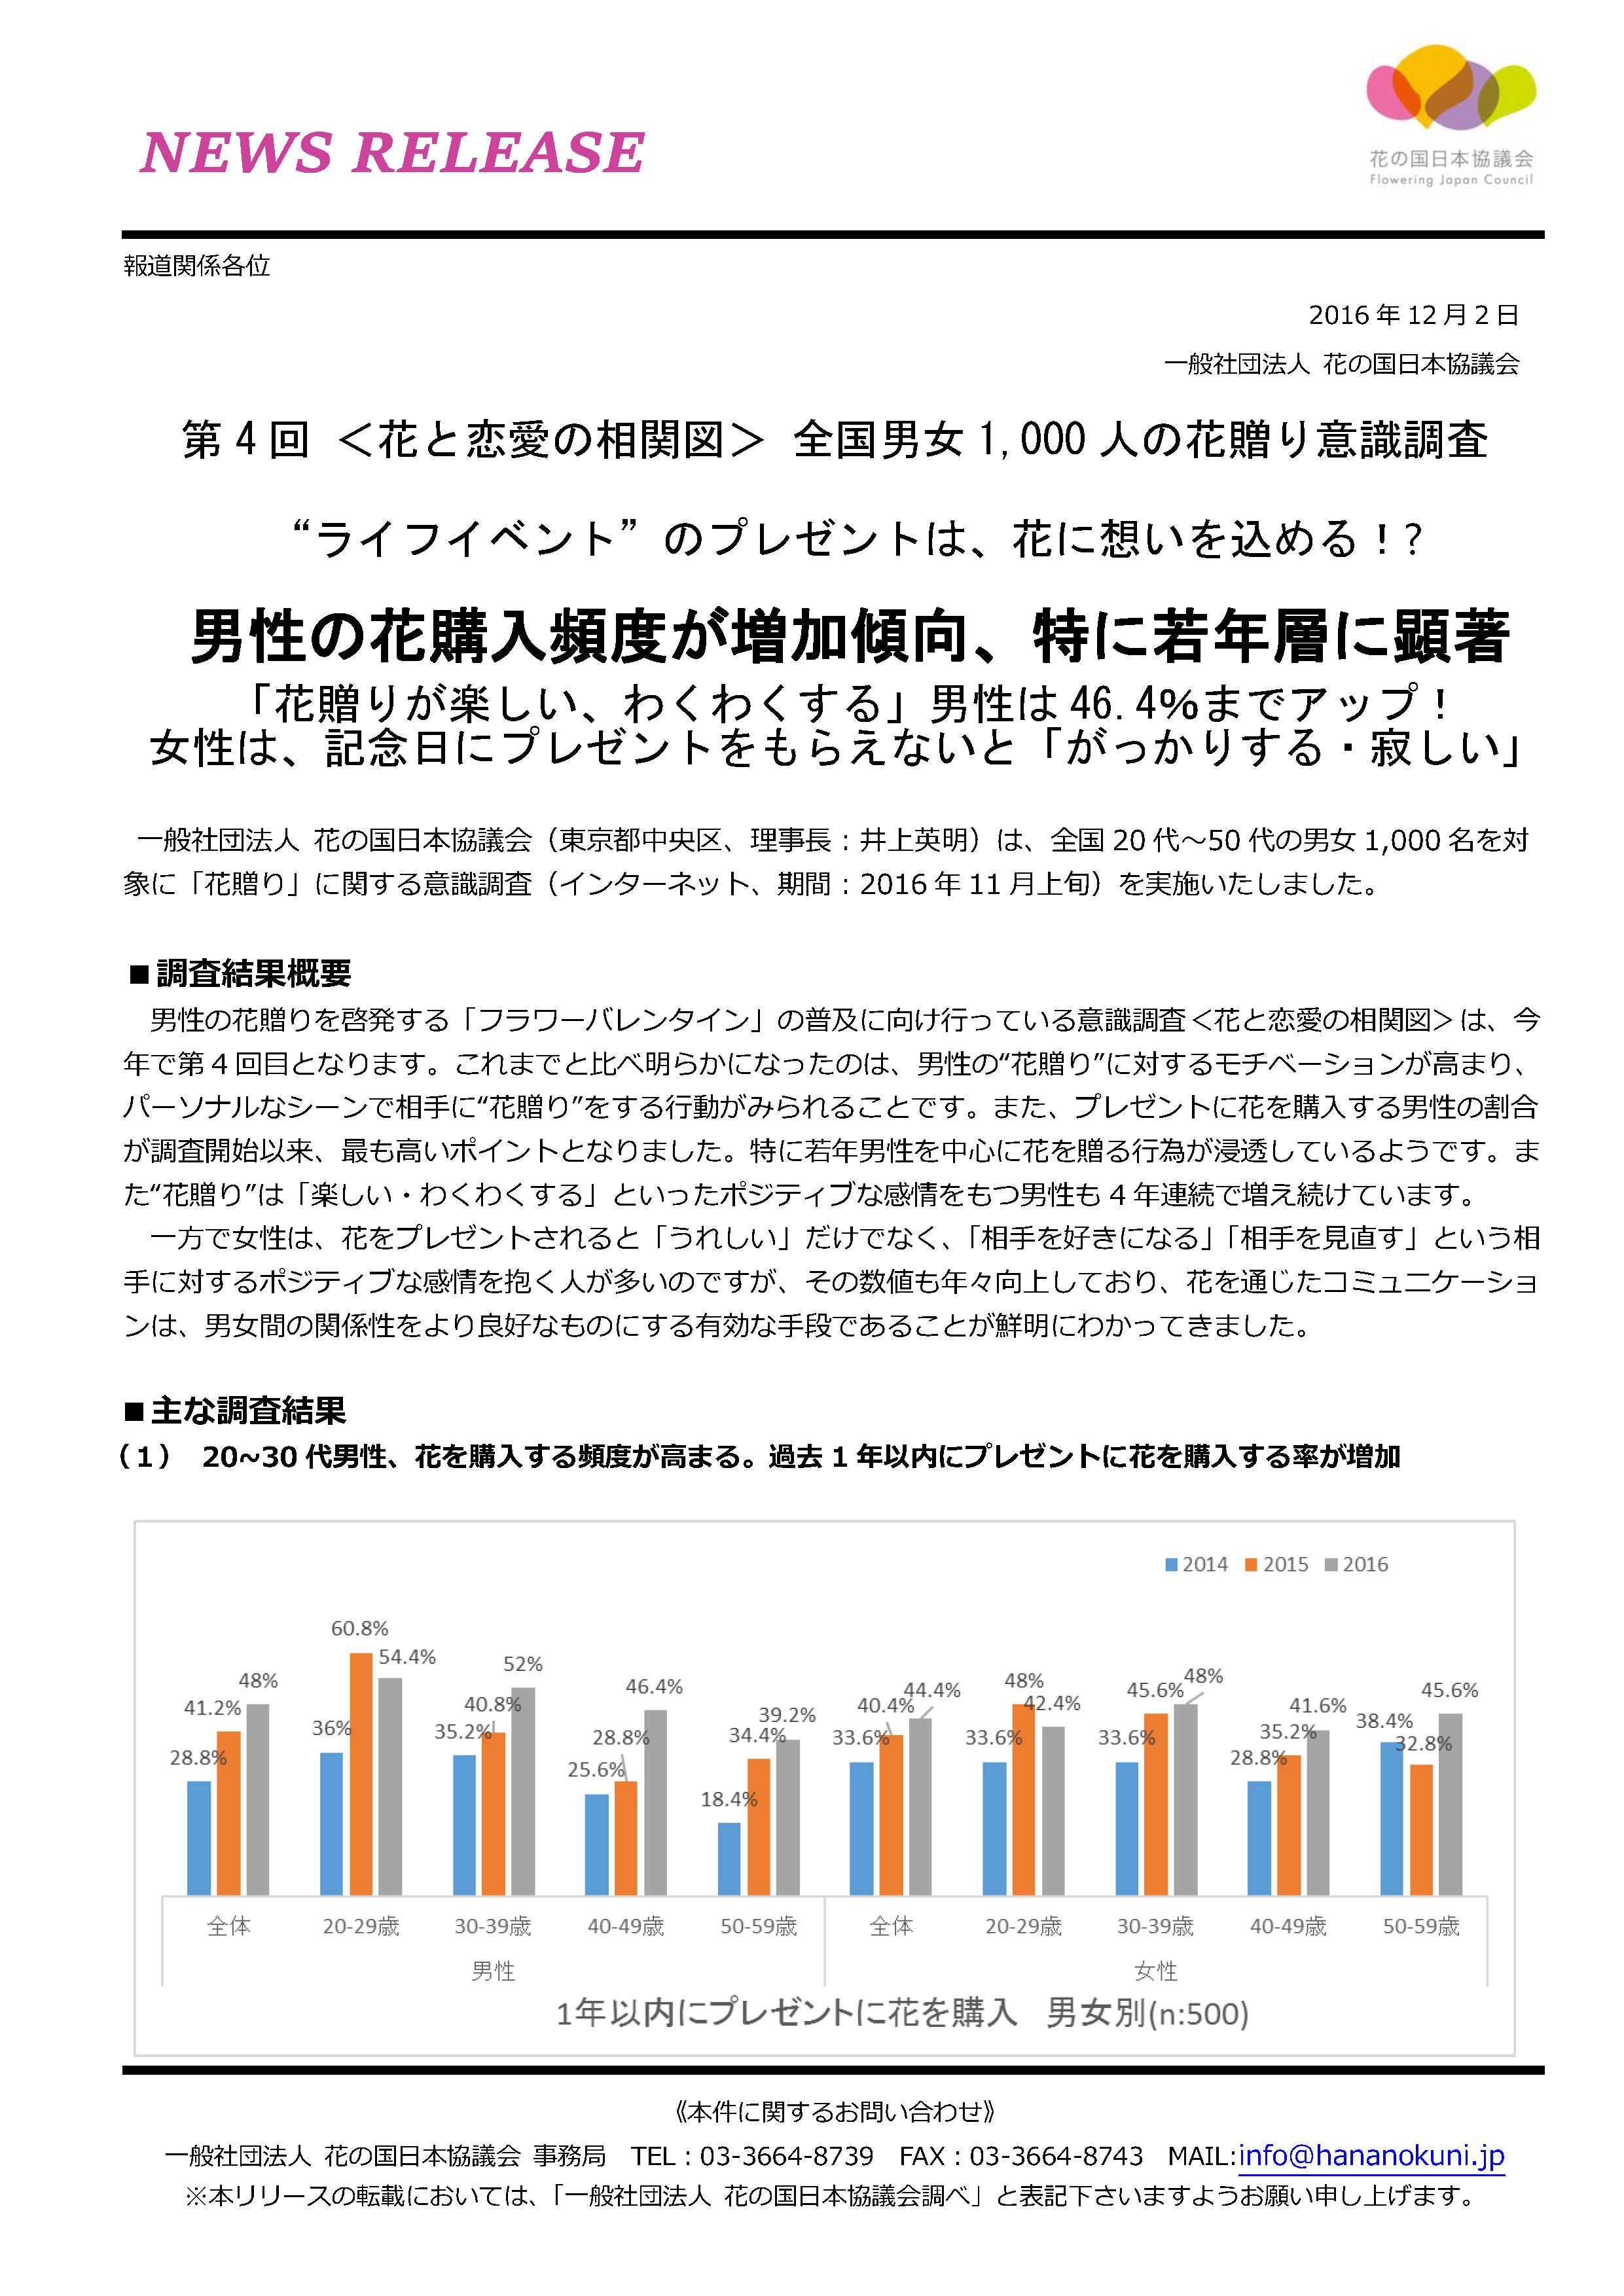 fjc%e3%83%8b%e3%83%a5%e3%83%bc%e3%82%b9%e3%83%aa%e3%83%aa%e3%83%bc%e3%82%b9_20161202_%e7%ac%ac4%e5%9b%9e%e8%8a%b1%e3%81%a8%e6%81%8b%e6%84%9b%e3%81%ae%e7%9b%b8%e9%96%a2%e5%9b%b3_%e3%83%9a%e3%83%bc